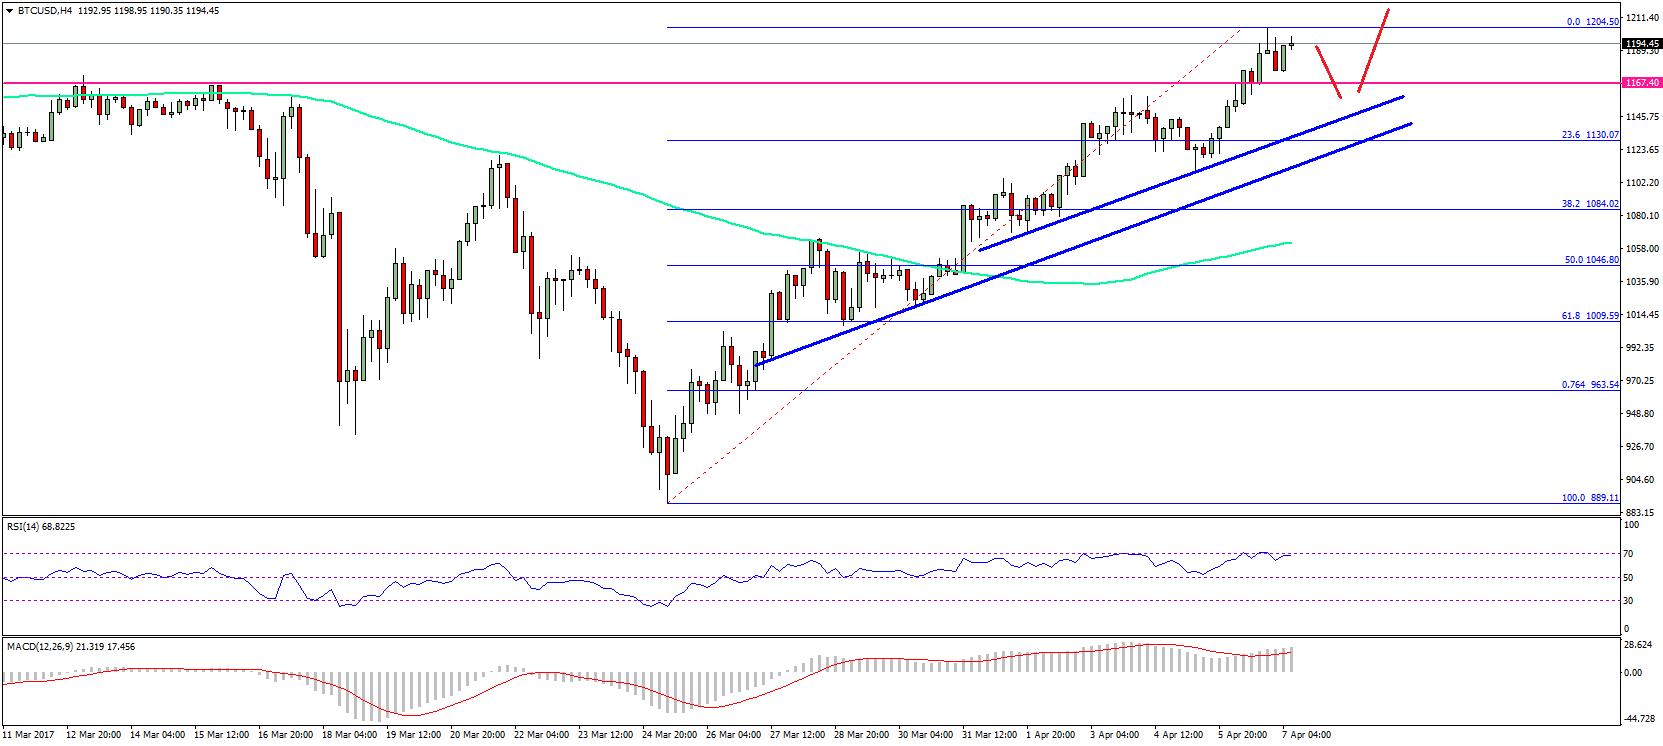 Bitcoin Price Weekly Analysis BTC/USD